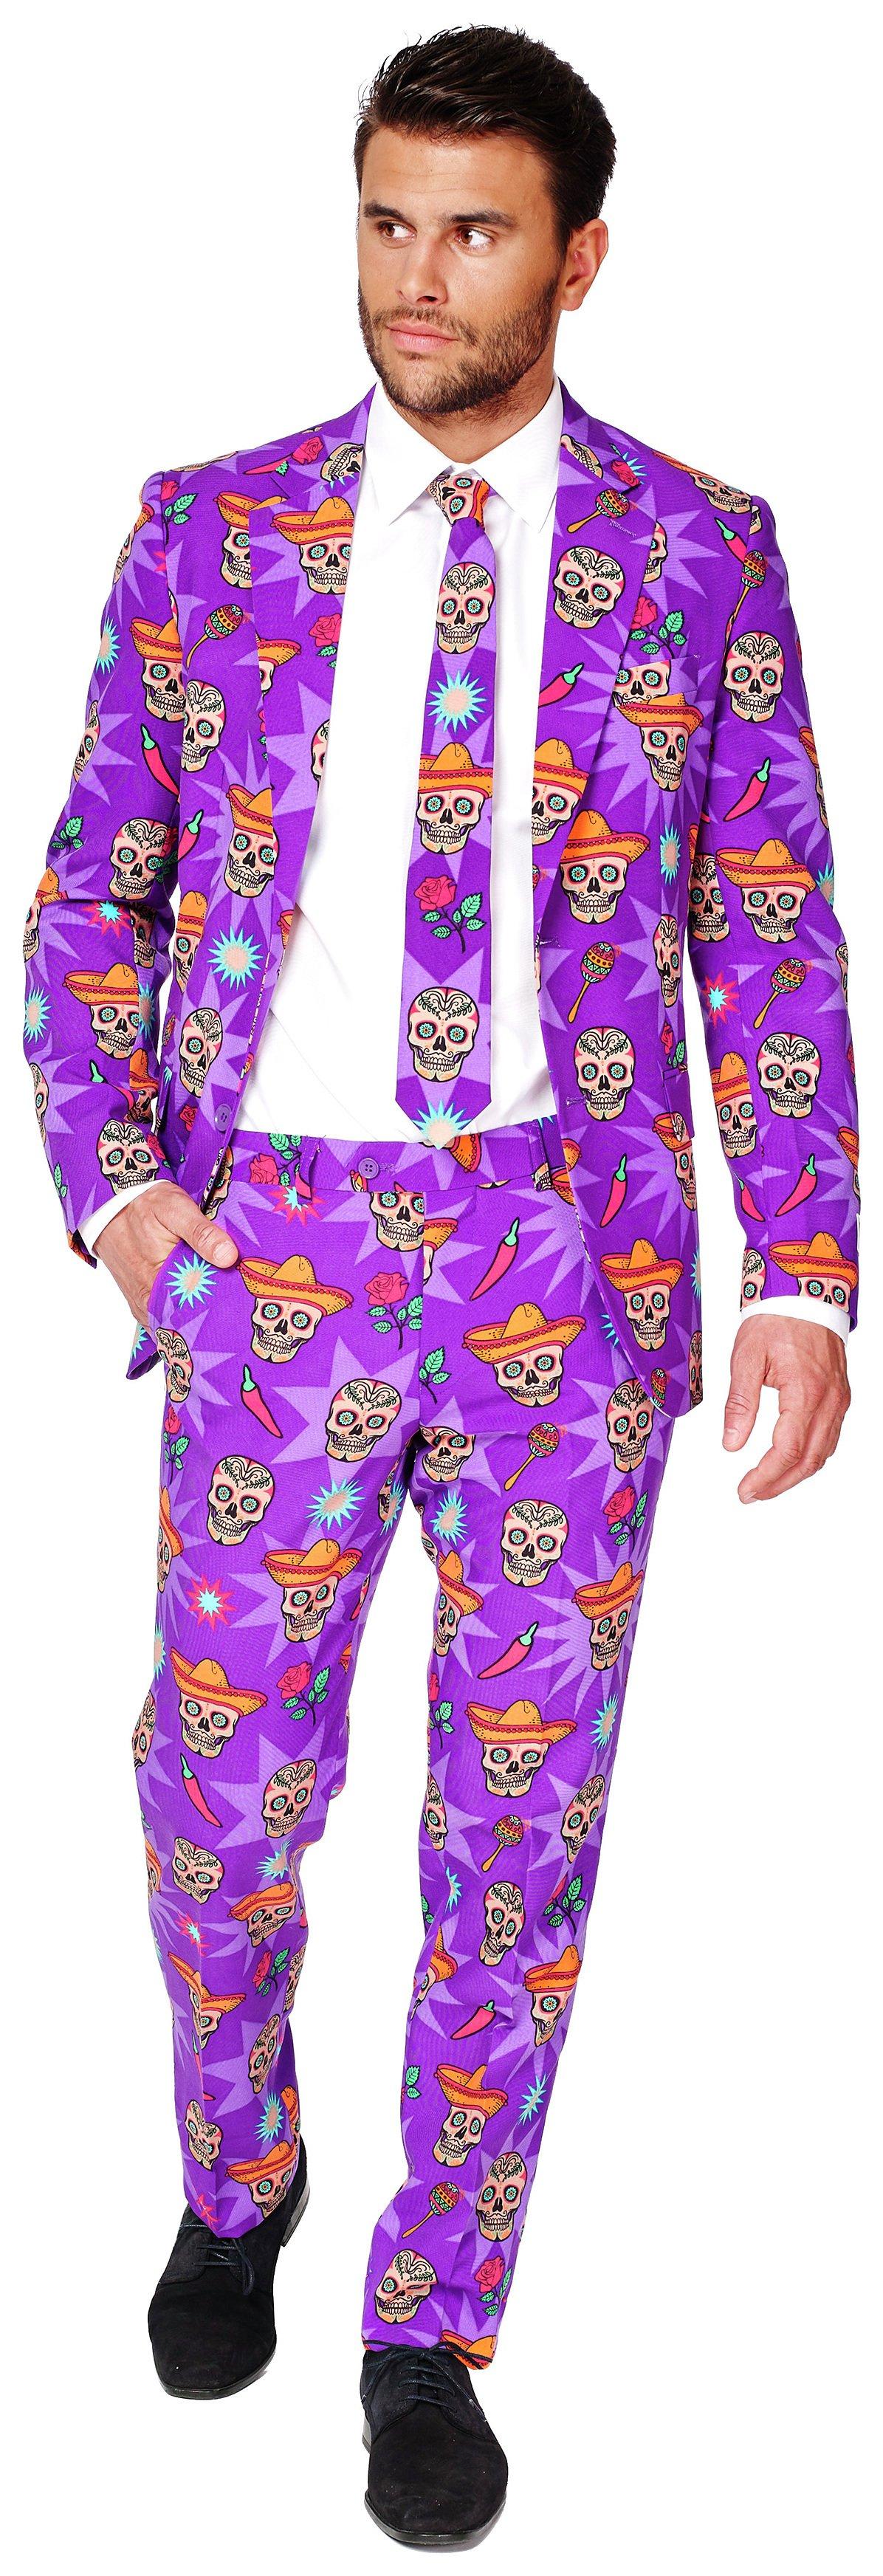 opposuit-el-muerto-suit-chest-38